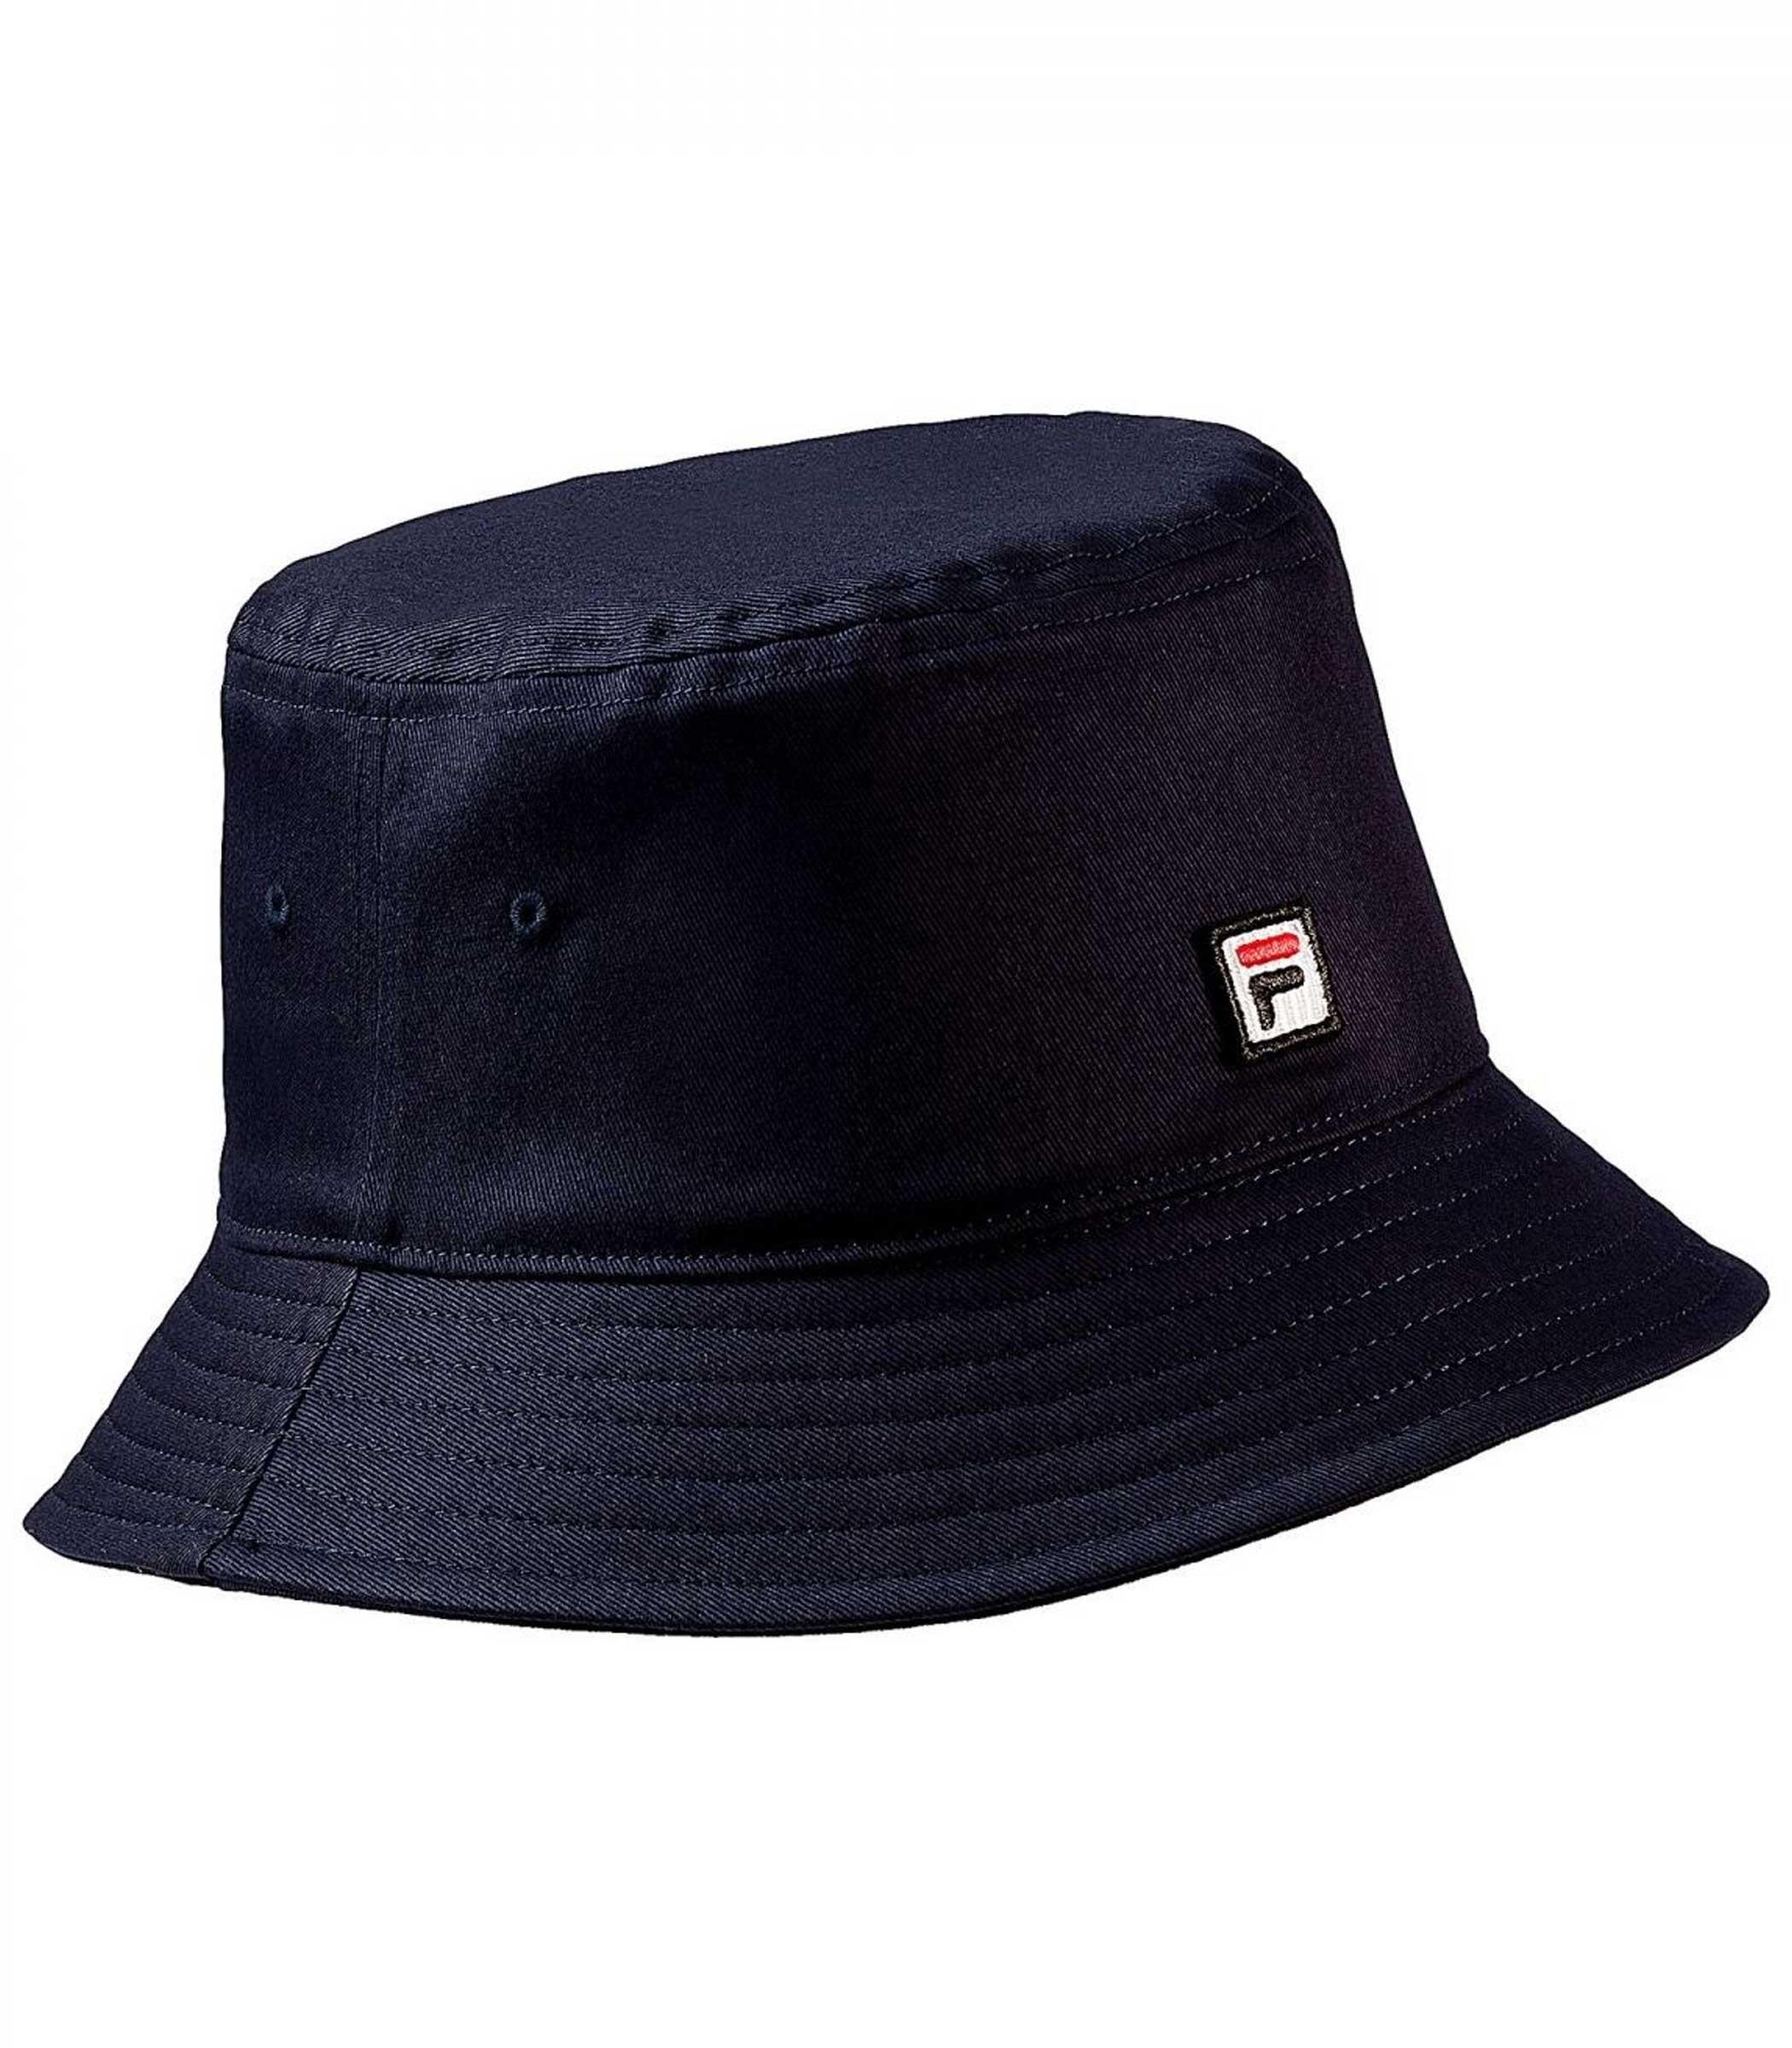 nuovi speciali calzature nuova alta qualità Cappello pescatore FILA BUCKET HAT FLEXFIT unisex rif. 681480